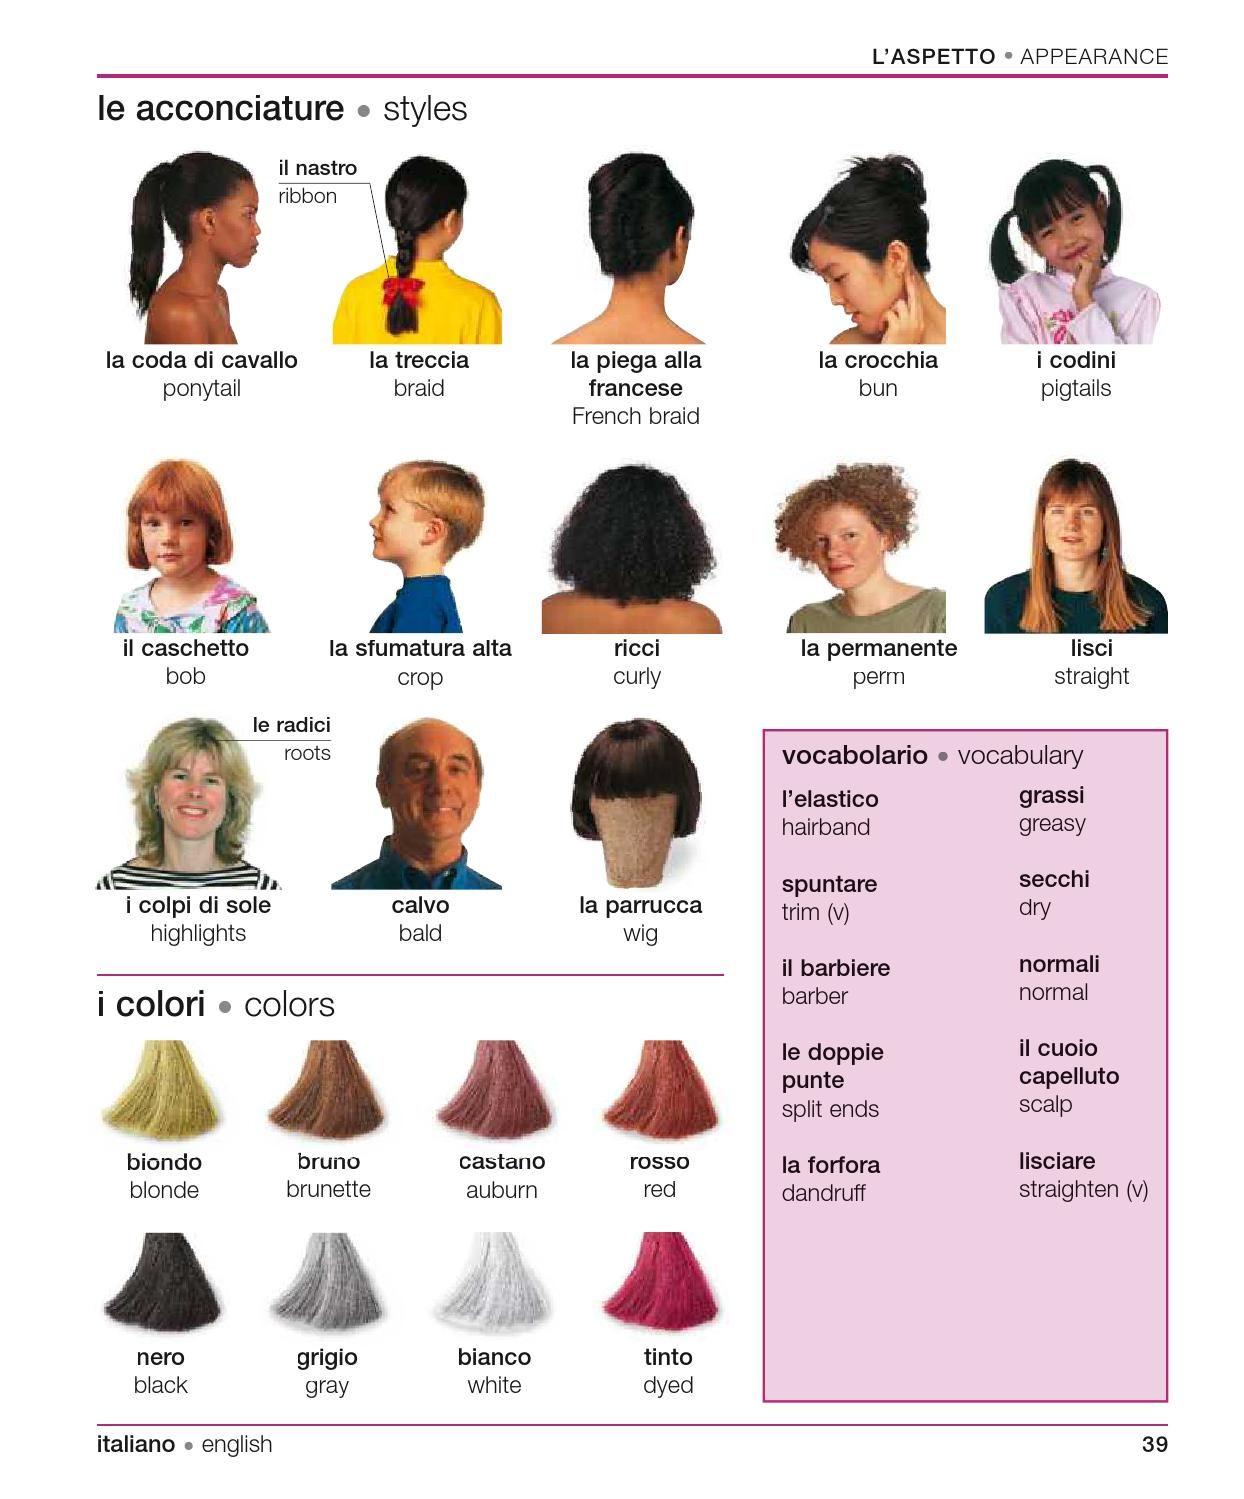 Italian English Visual Bilingual Dictionary Con Immagini